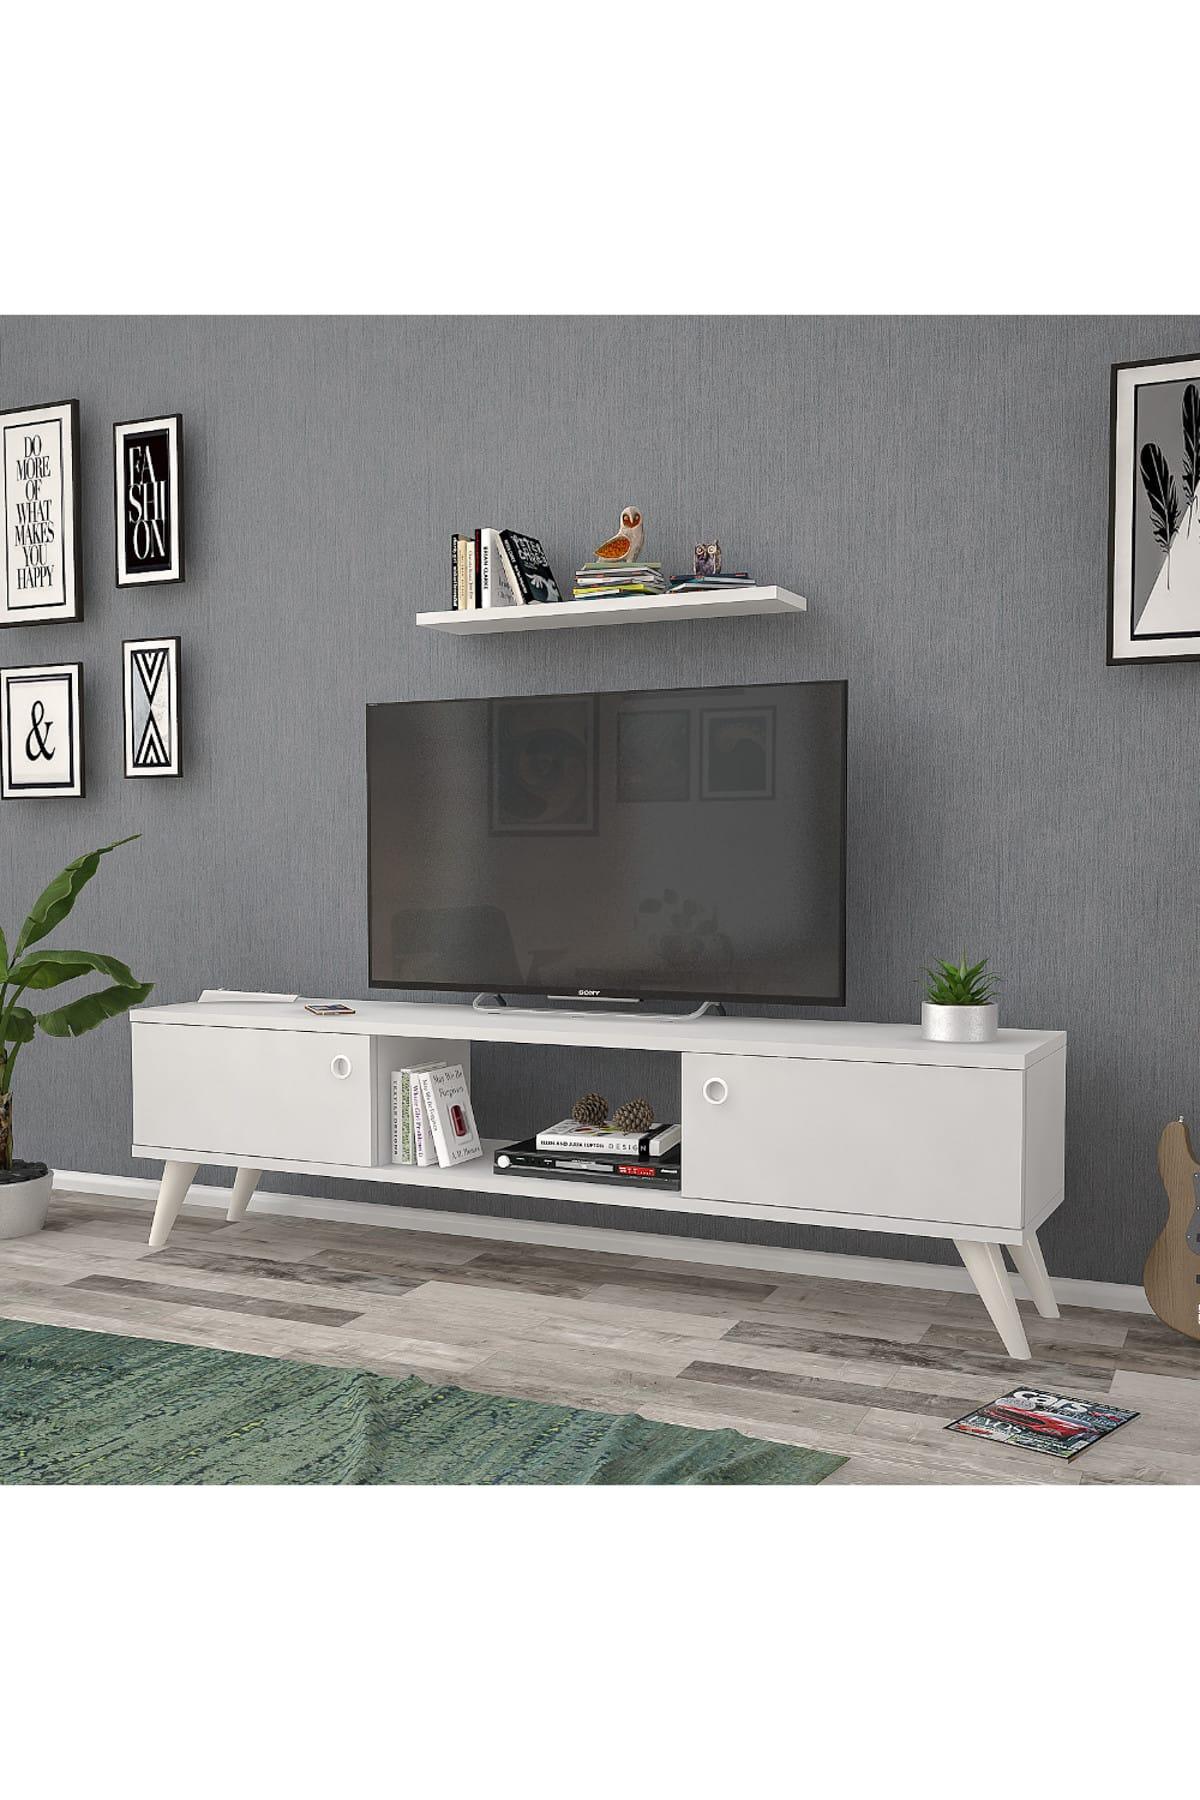 Mbes Mobilya 140 Cm Eda Beyaz Tv Ünitesi 2